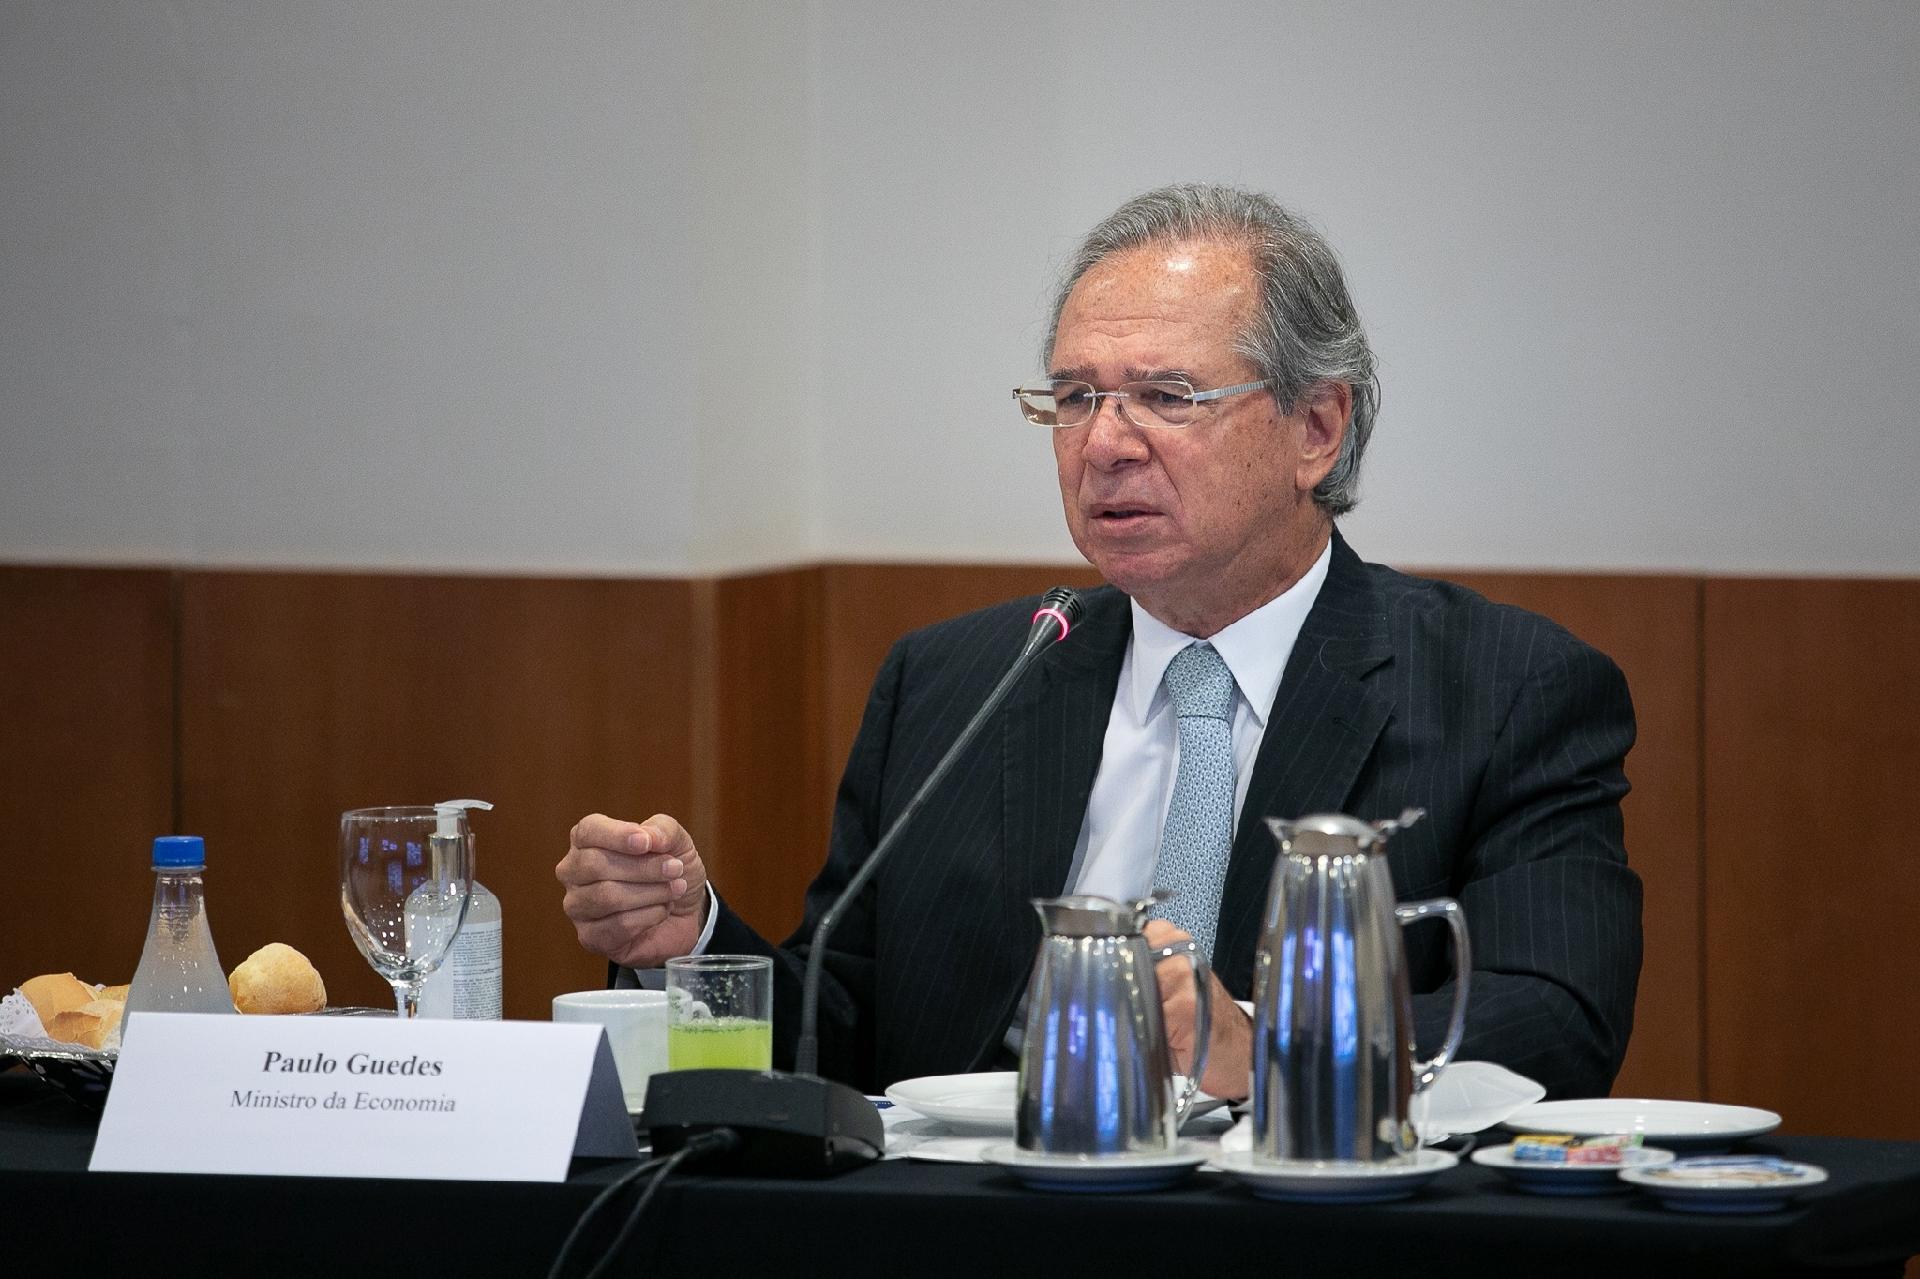 Mudanças no imposto de renda podem elevar os tributos - Foto: Washington Costa/Ministério da Economia